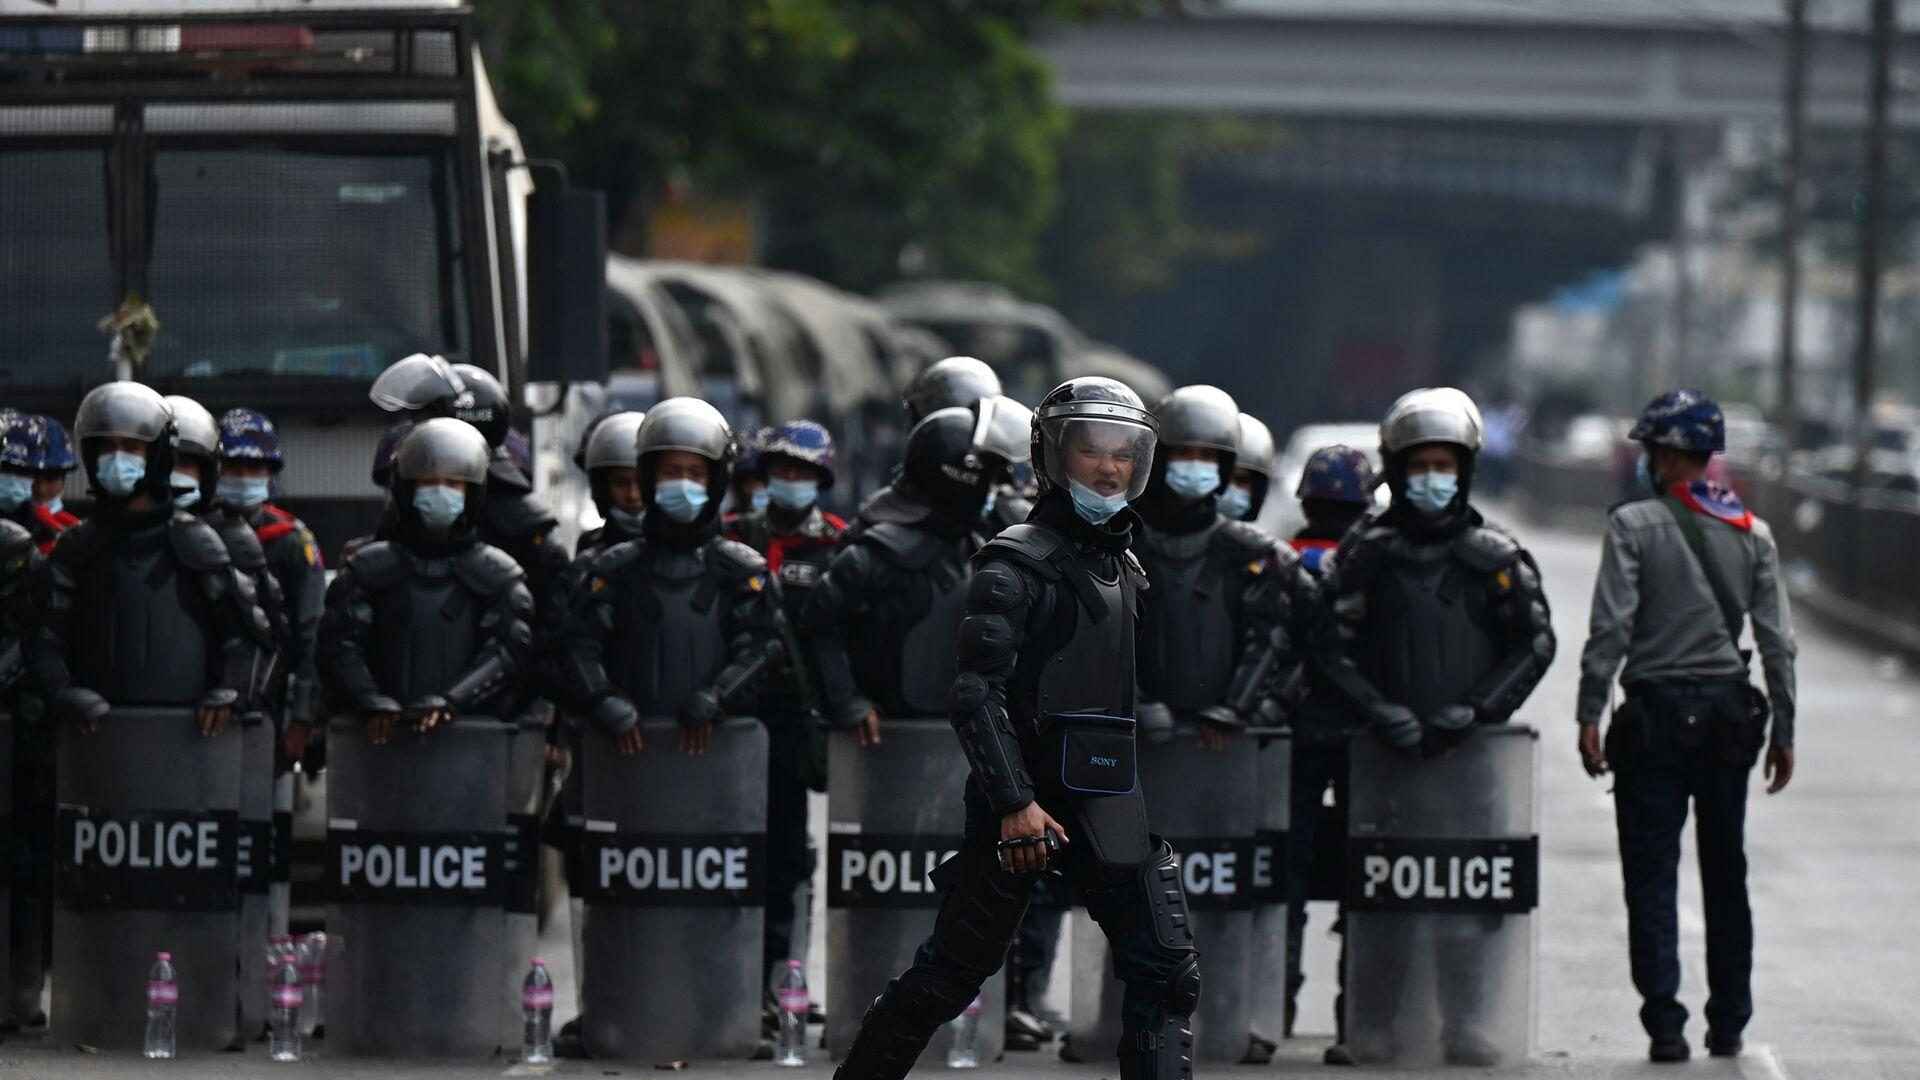 Policie v Myanmaru během protestní akce - Sputnik Česká republika, 1920, 07.02.2021